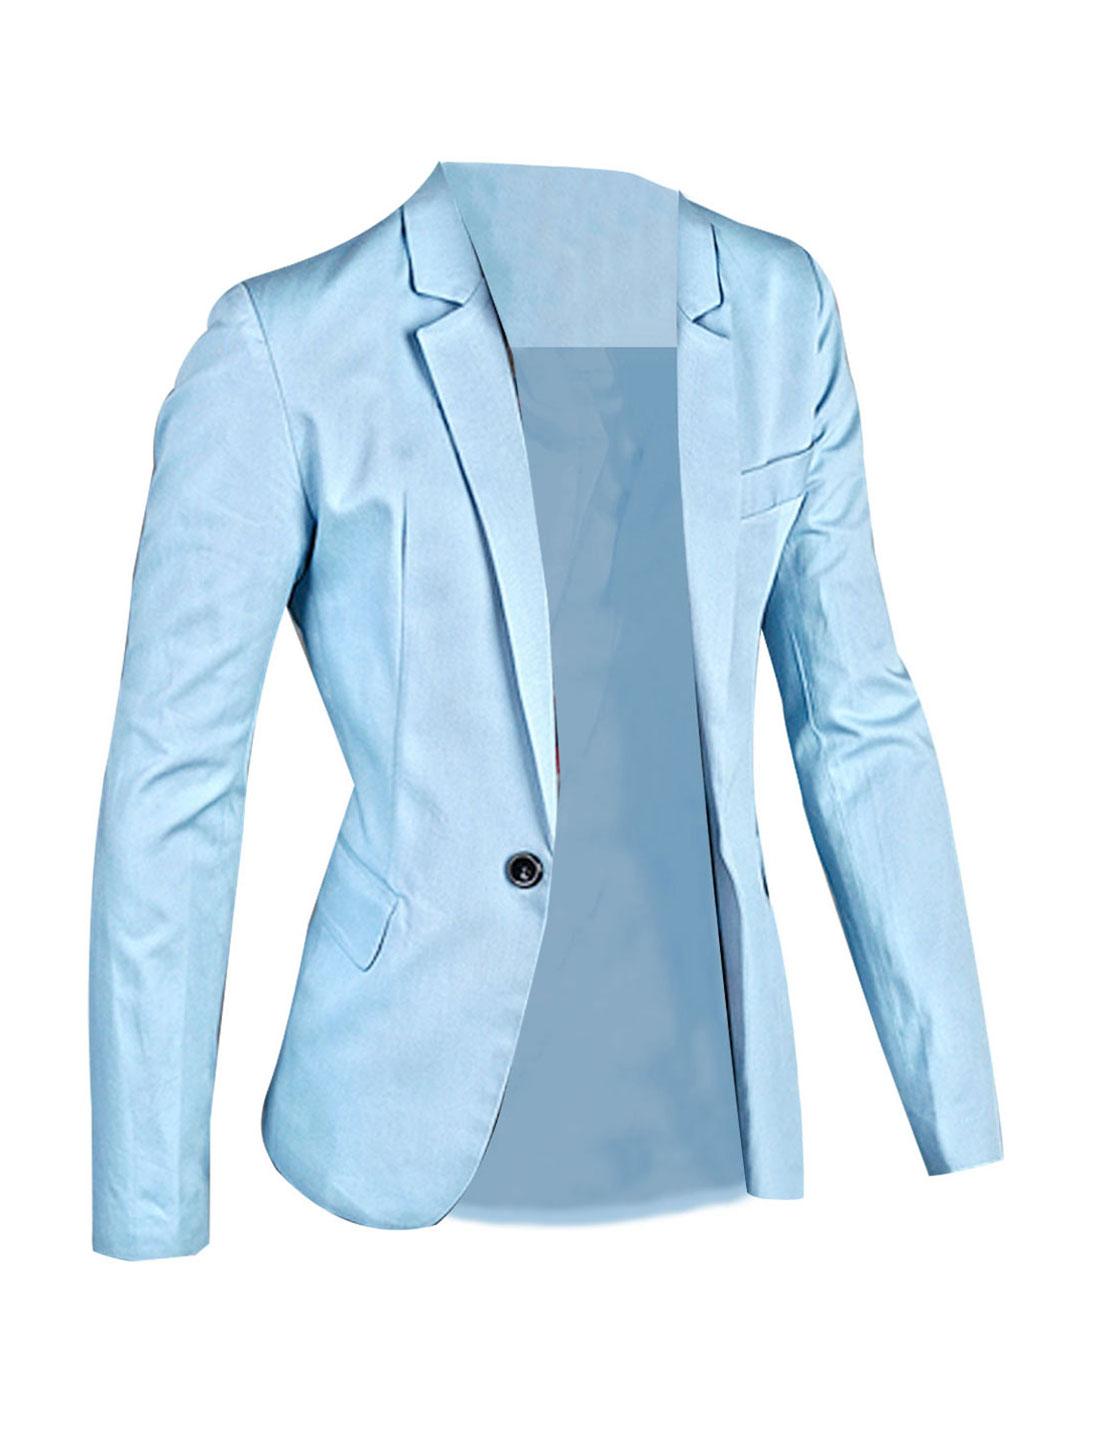 Mens Light Blue Side Flap Pcokets Notched Lapel Autumn Blazer M